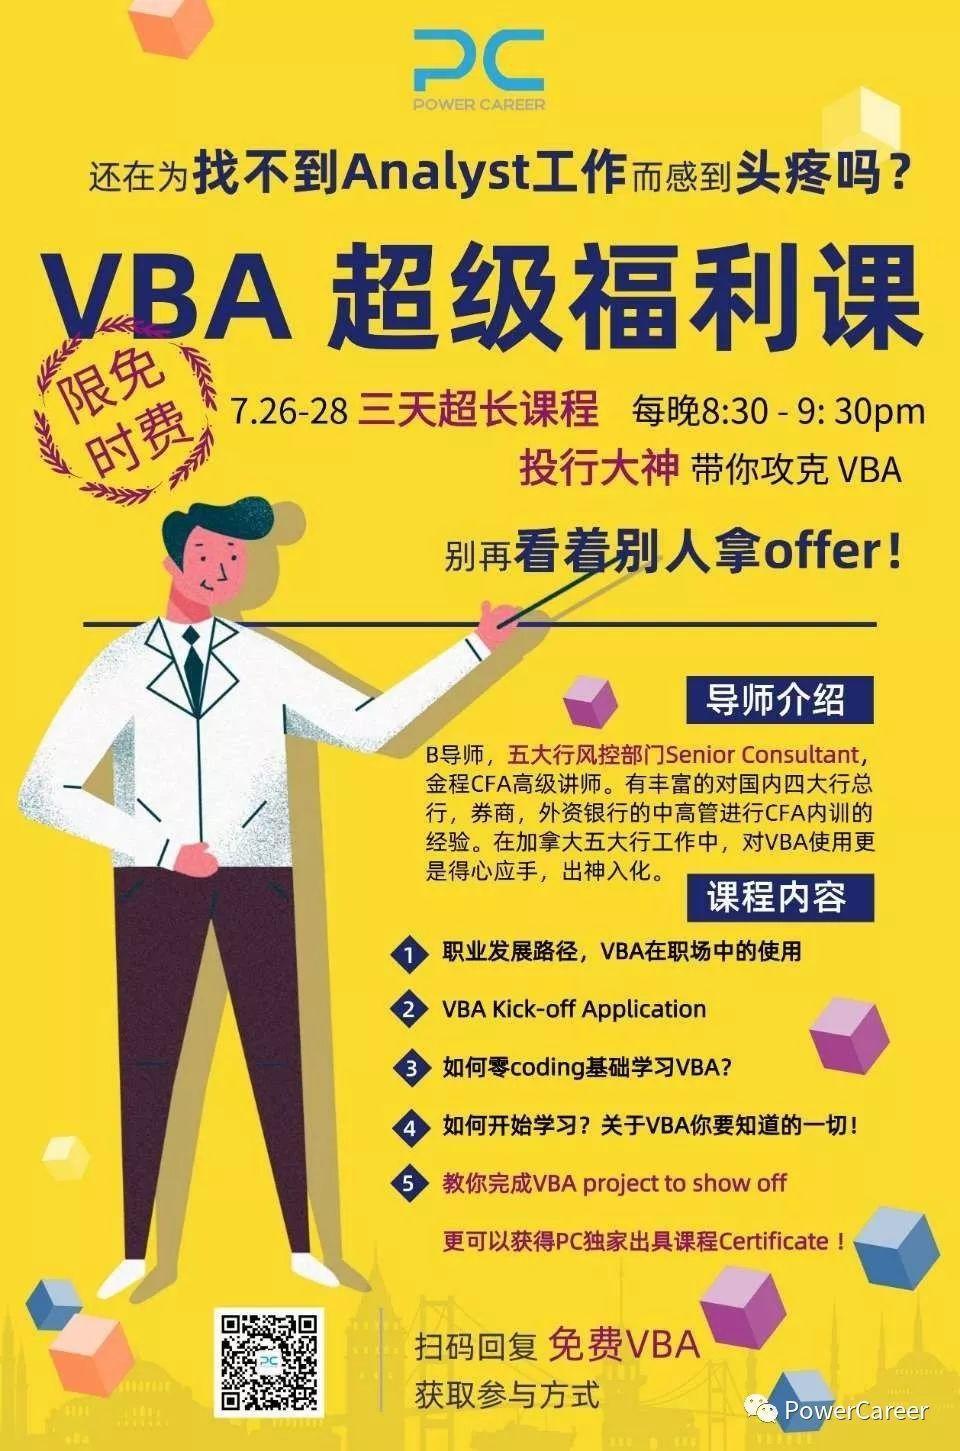 救命!!RBC面试官当场考我VBA,可是我不会写。。。